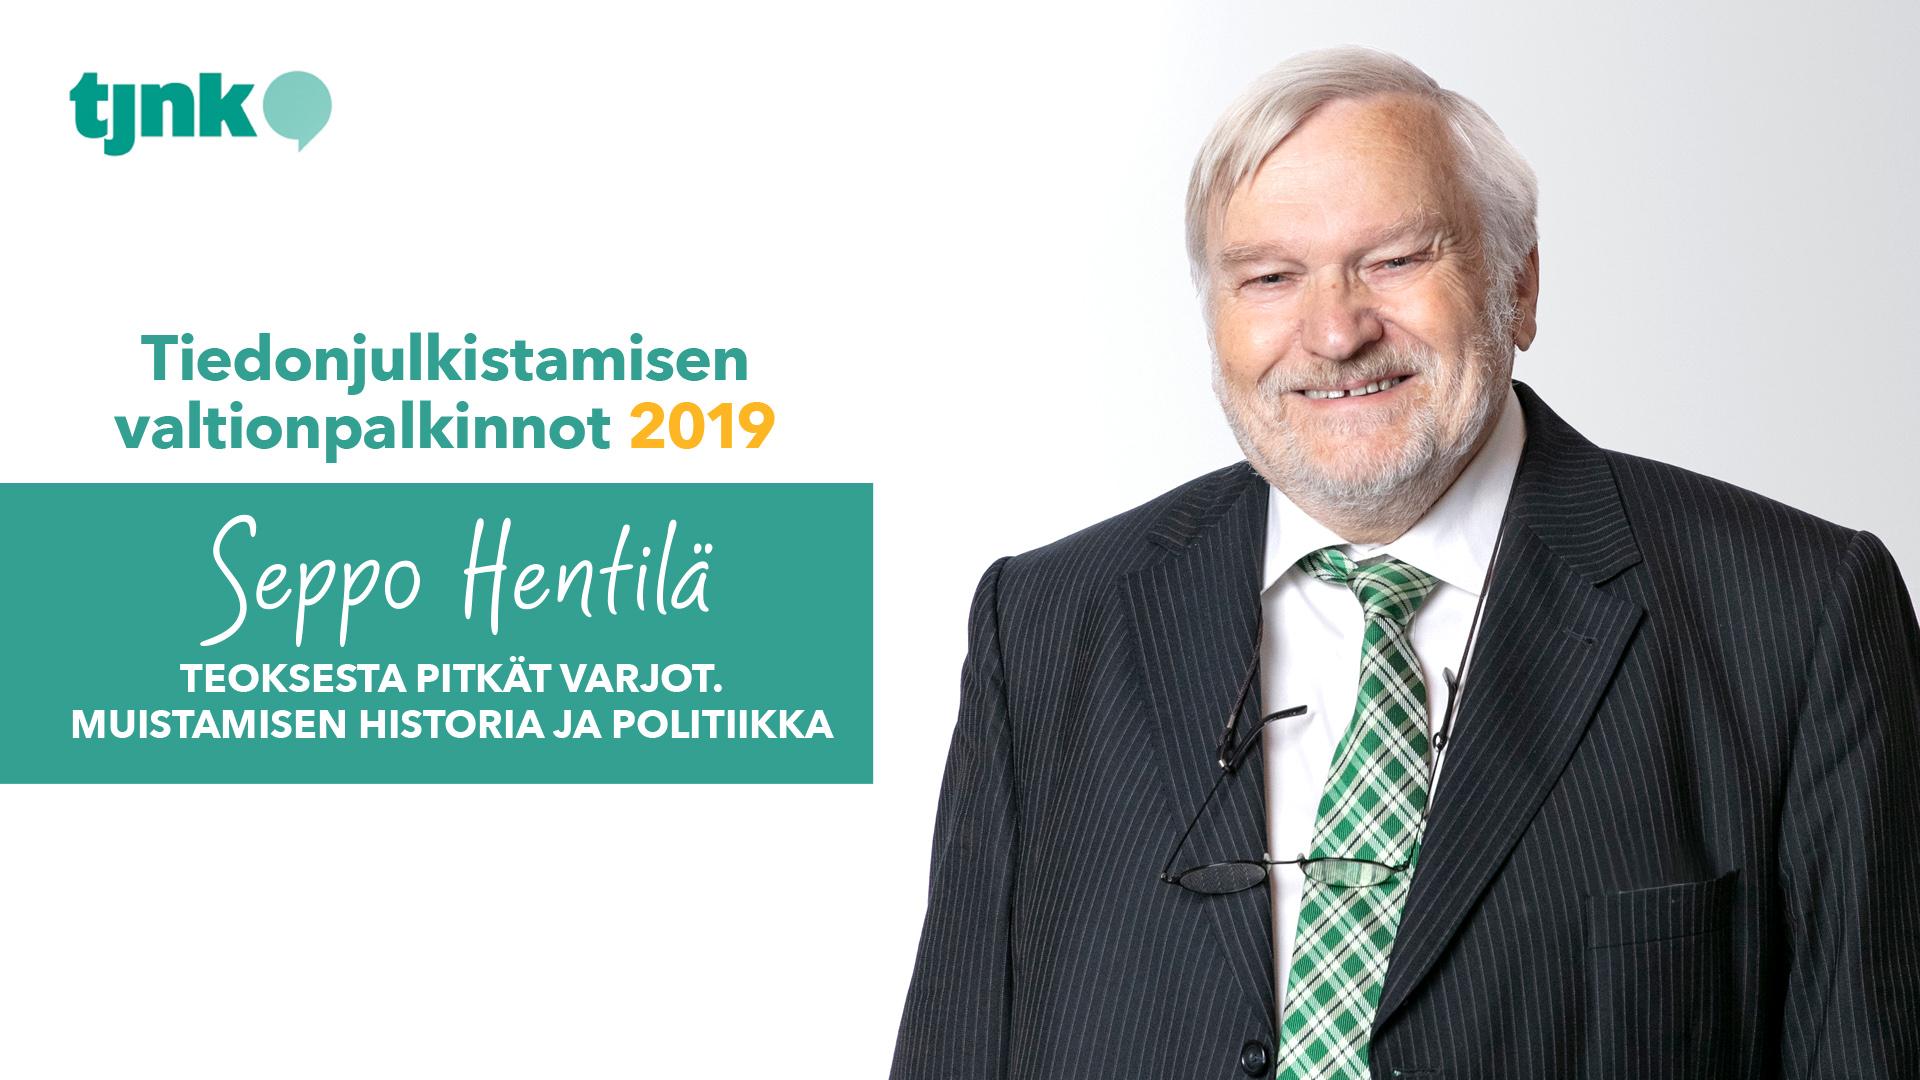 Tiedonjulkistamisen valtionpalkinnon 2019 saanut Seppo Hentilä.